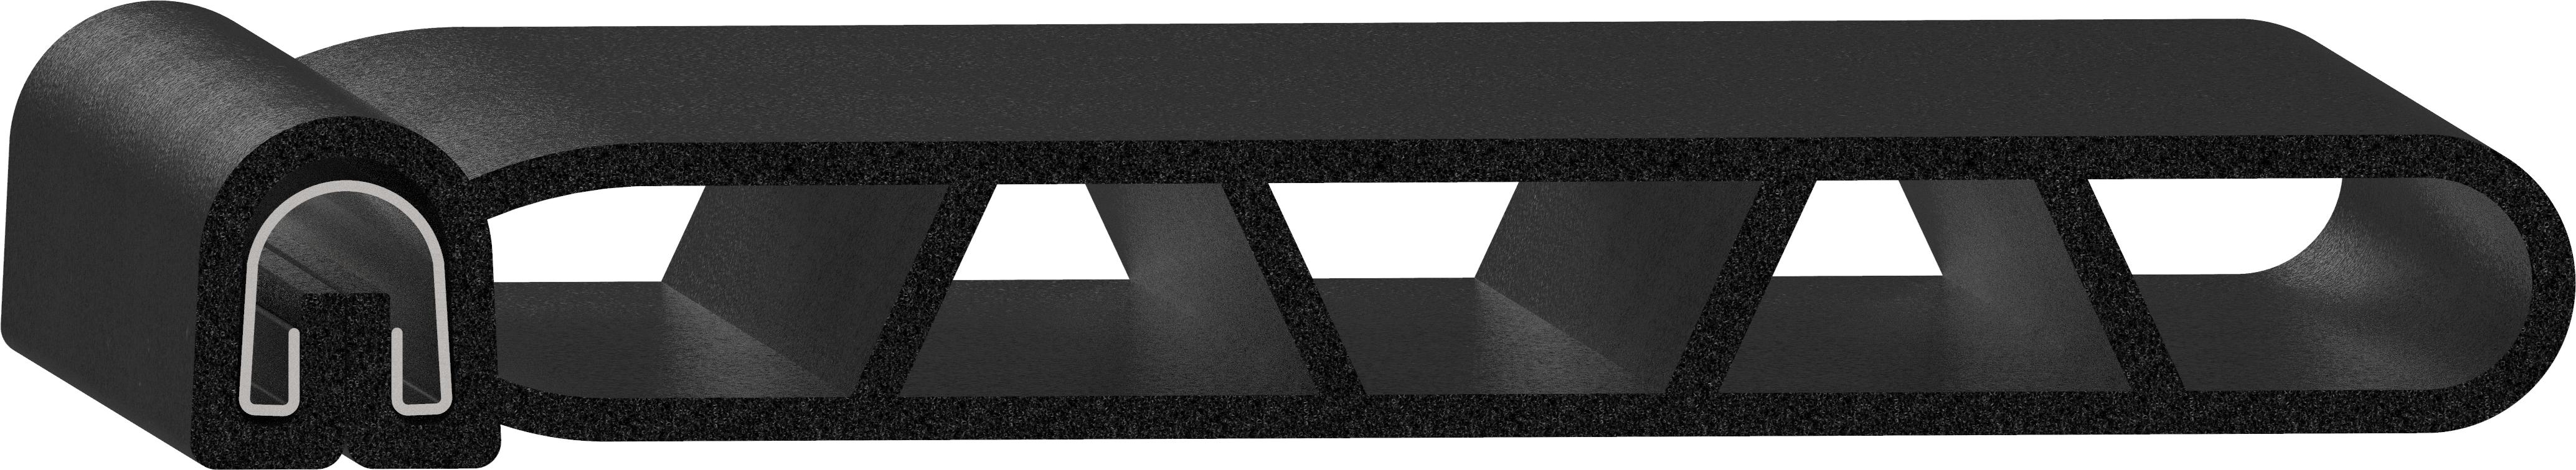 Uni-Grip part: SD-515